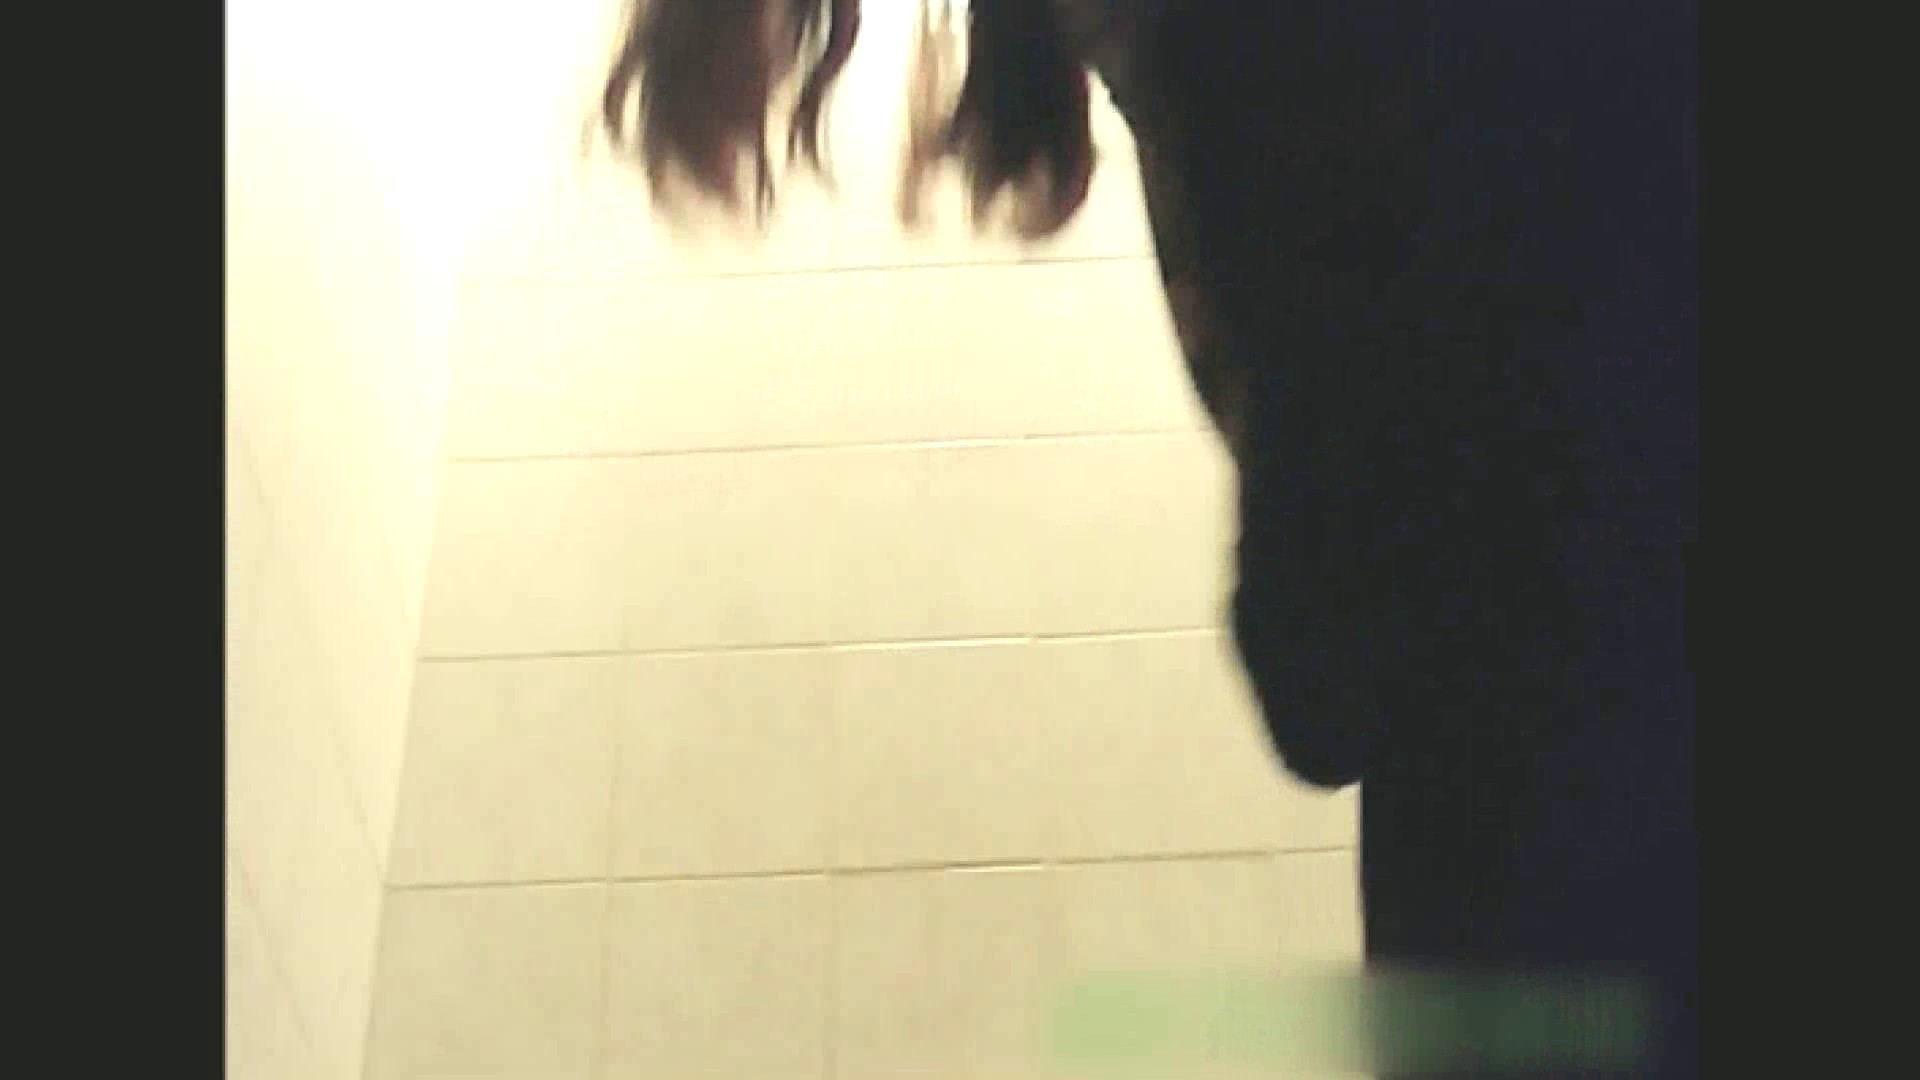 実録!!綺麗なお姉さんのトイレ事情・・・。vol.13 トイレ突入 | お姉さん丸裸  105pic 93